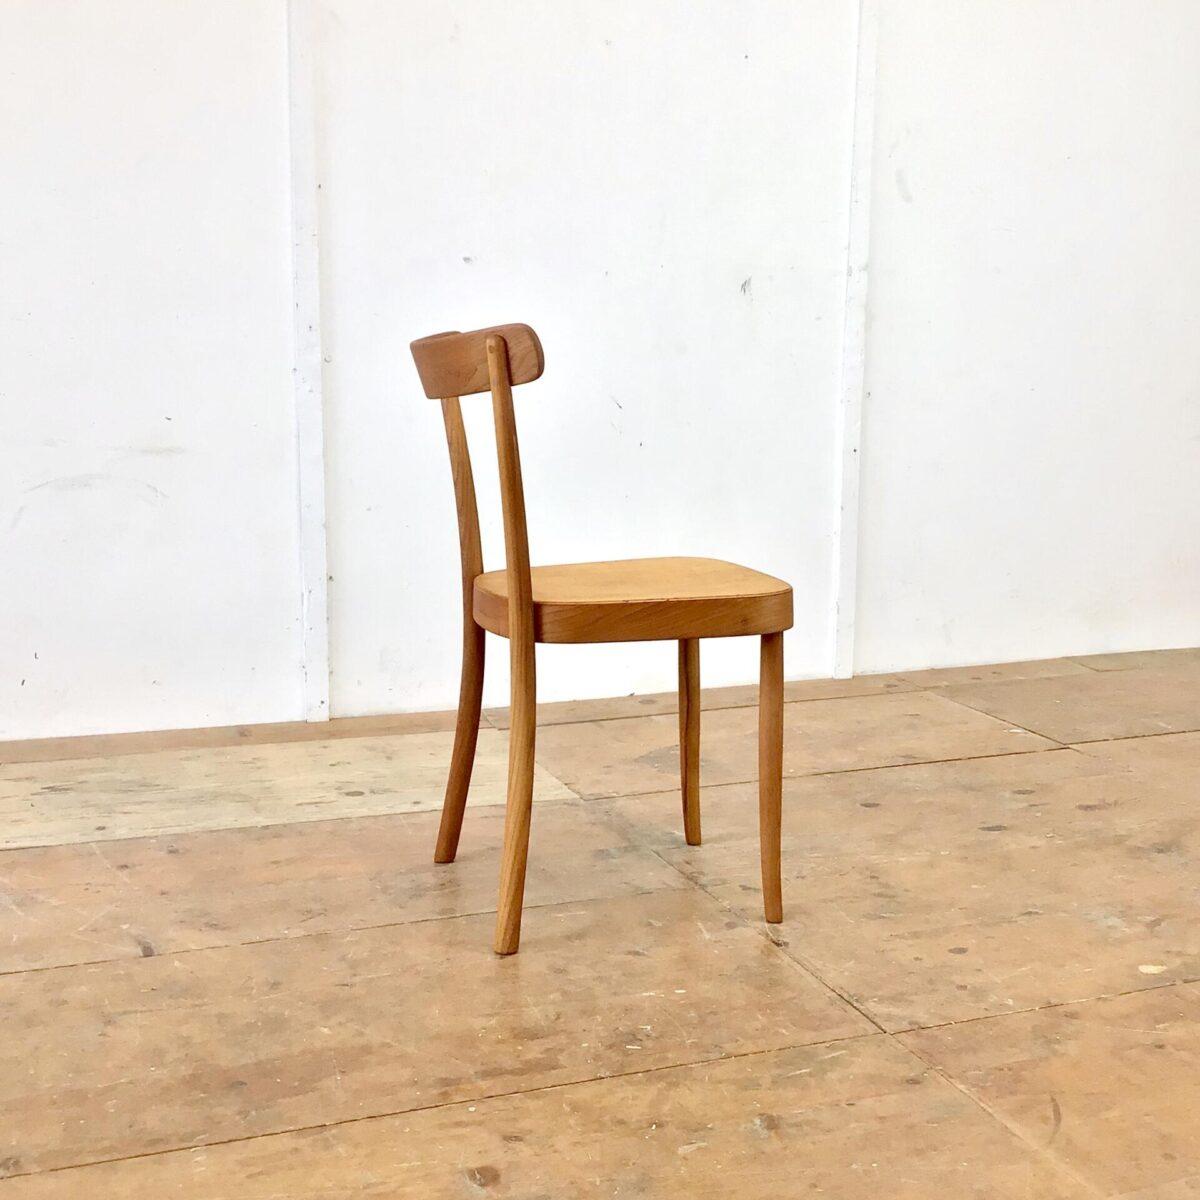 Deuxieme.shop Einzelner horgenglarus Stuhl von Werner Max Moser. Frühes Modell 1-250 aus Eschenholz. Der Stuhl ist komplett geschliffen und mit Naturöl behandelt. Warme, matte Ausstrahlung. Leichte Alterspatina. Technisch in einwandfreiem Stabilen Zustand. Für mich persönlich momentan Der Stuhl. Schlicht, Elegant, Zeitlos und aufs Minimum reduziert, trotzdem stabil und bequem.